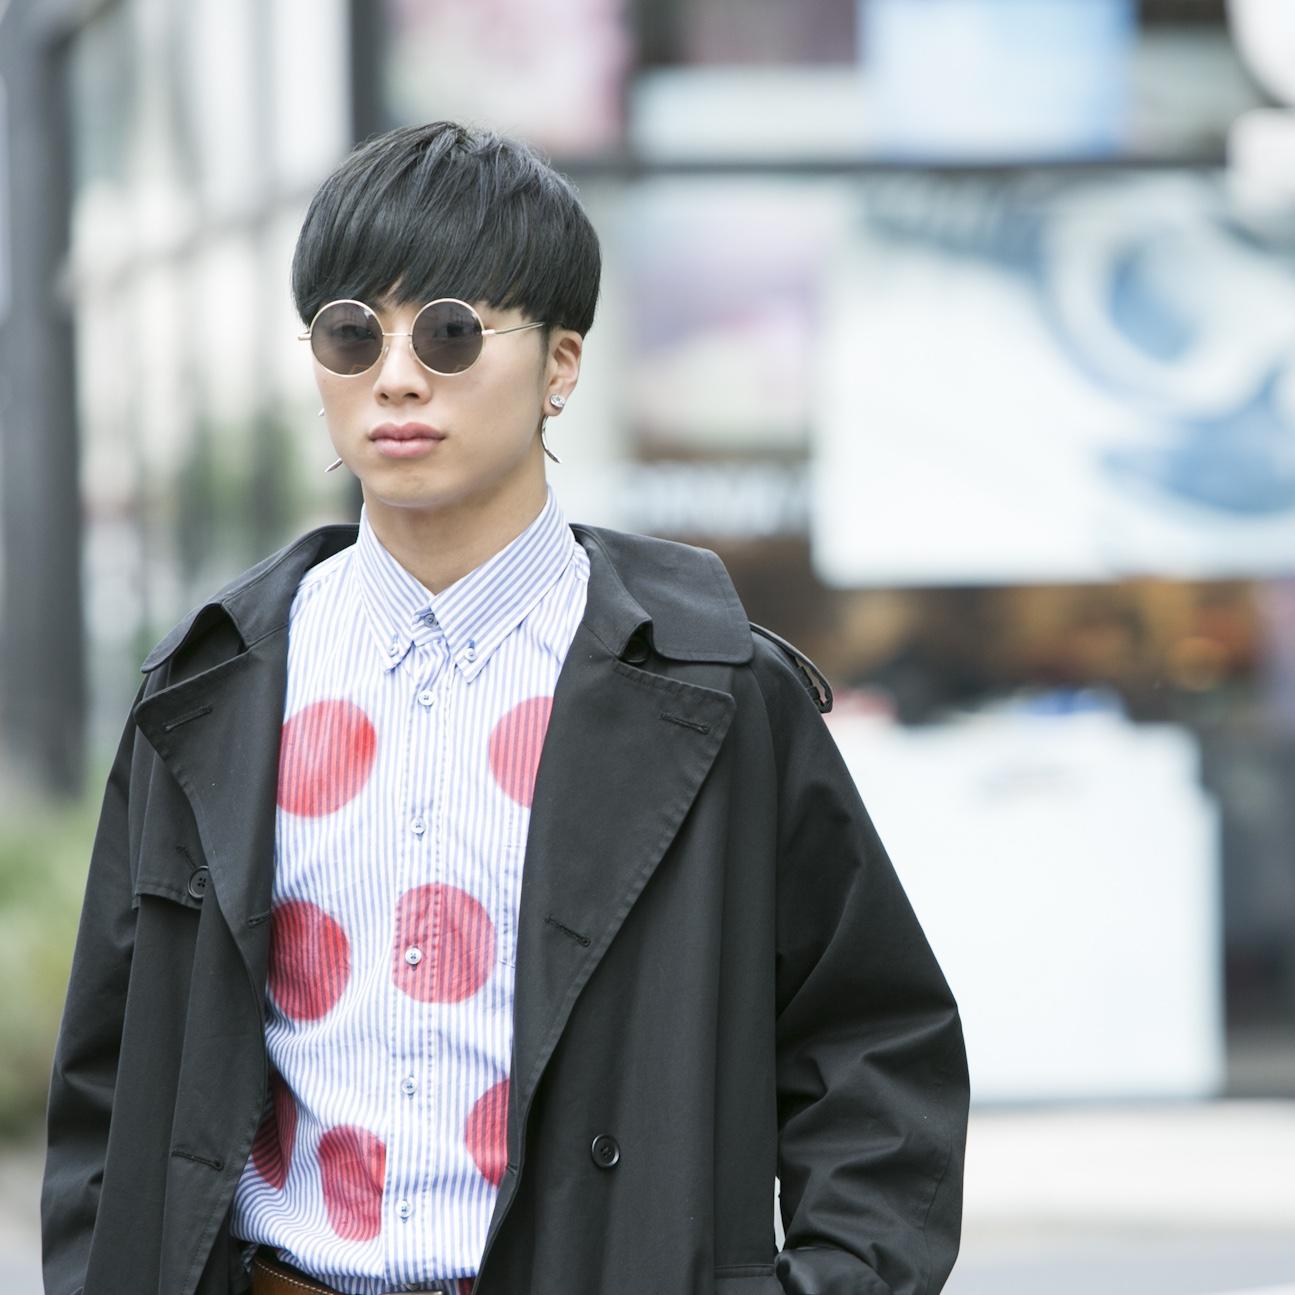 18歳・恵梧「黒で統一するのがファッションのこだわり」【18-22 SNAP #001】